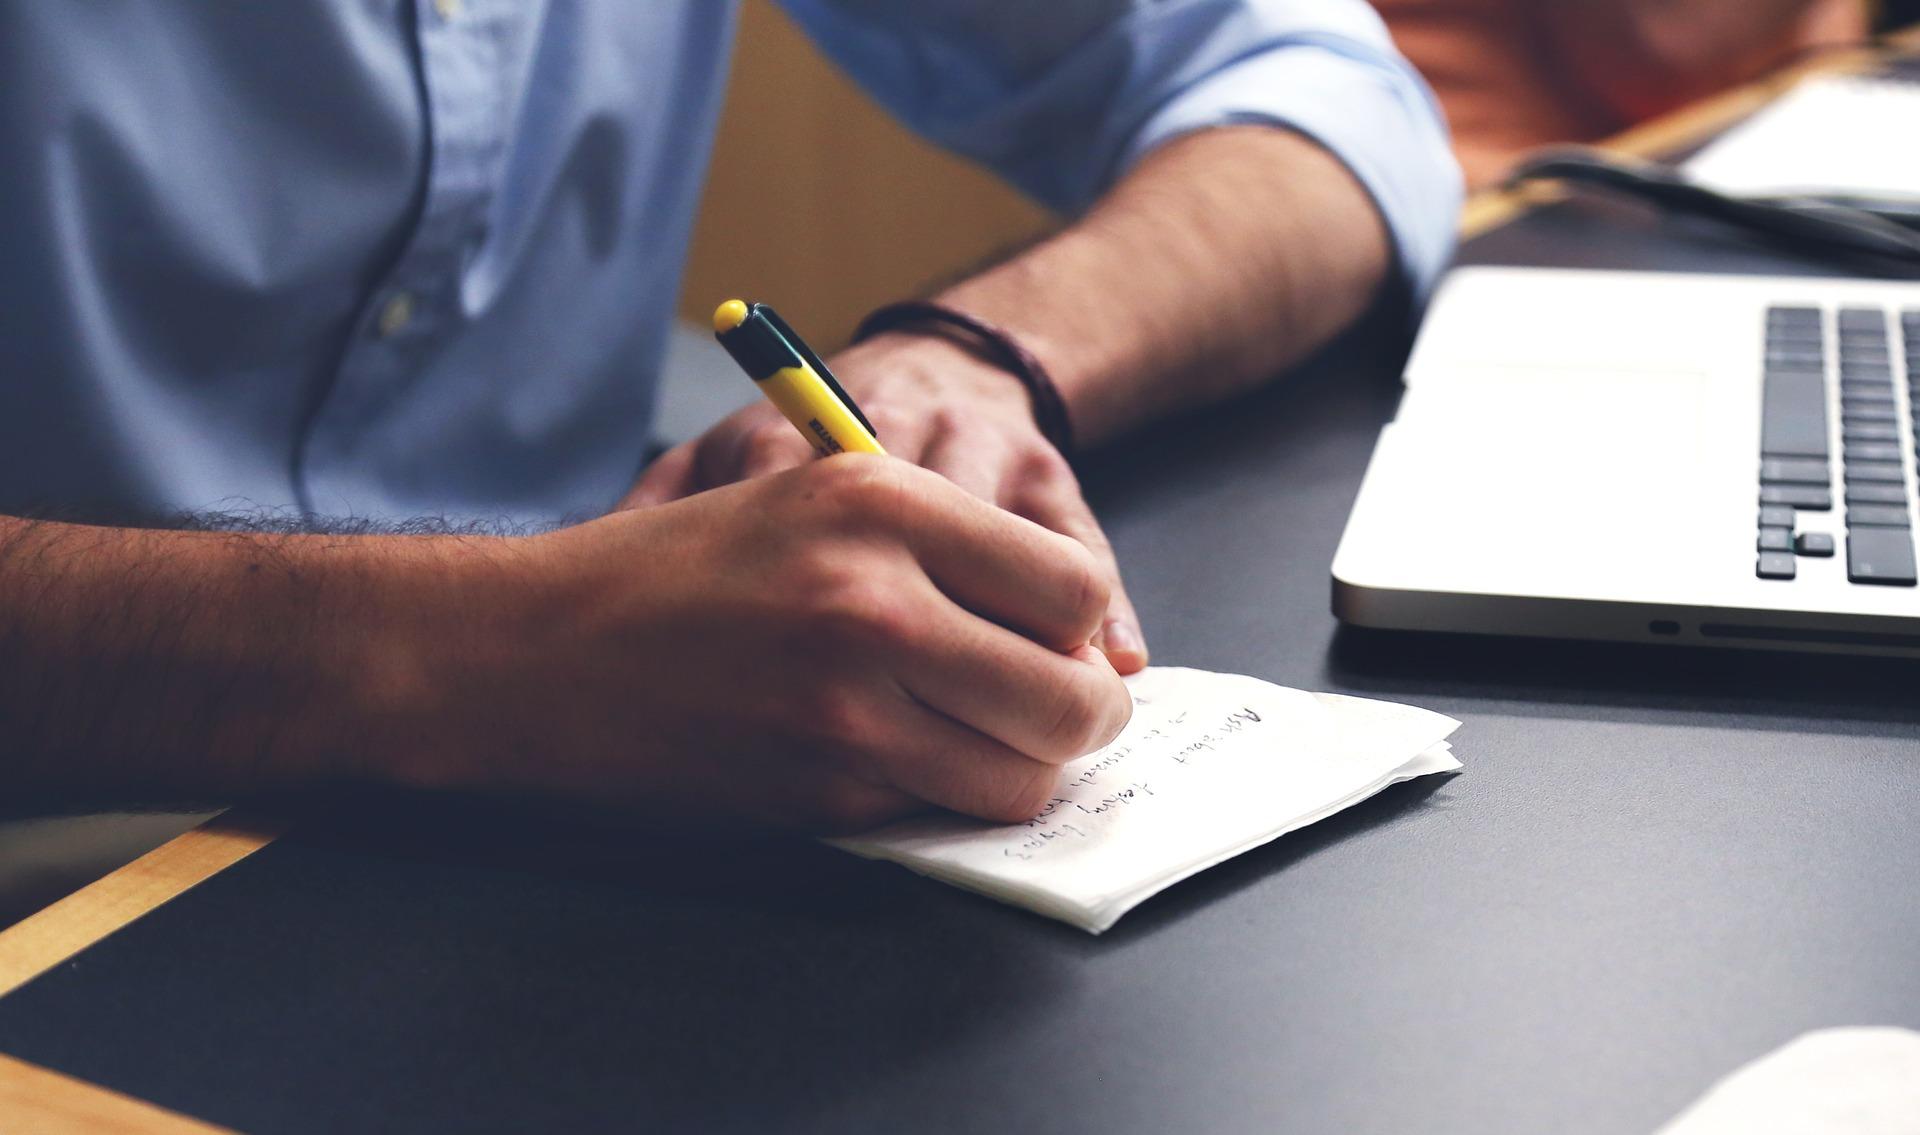 紙にペンで書いているところ